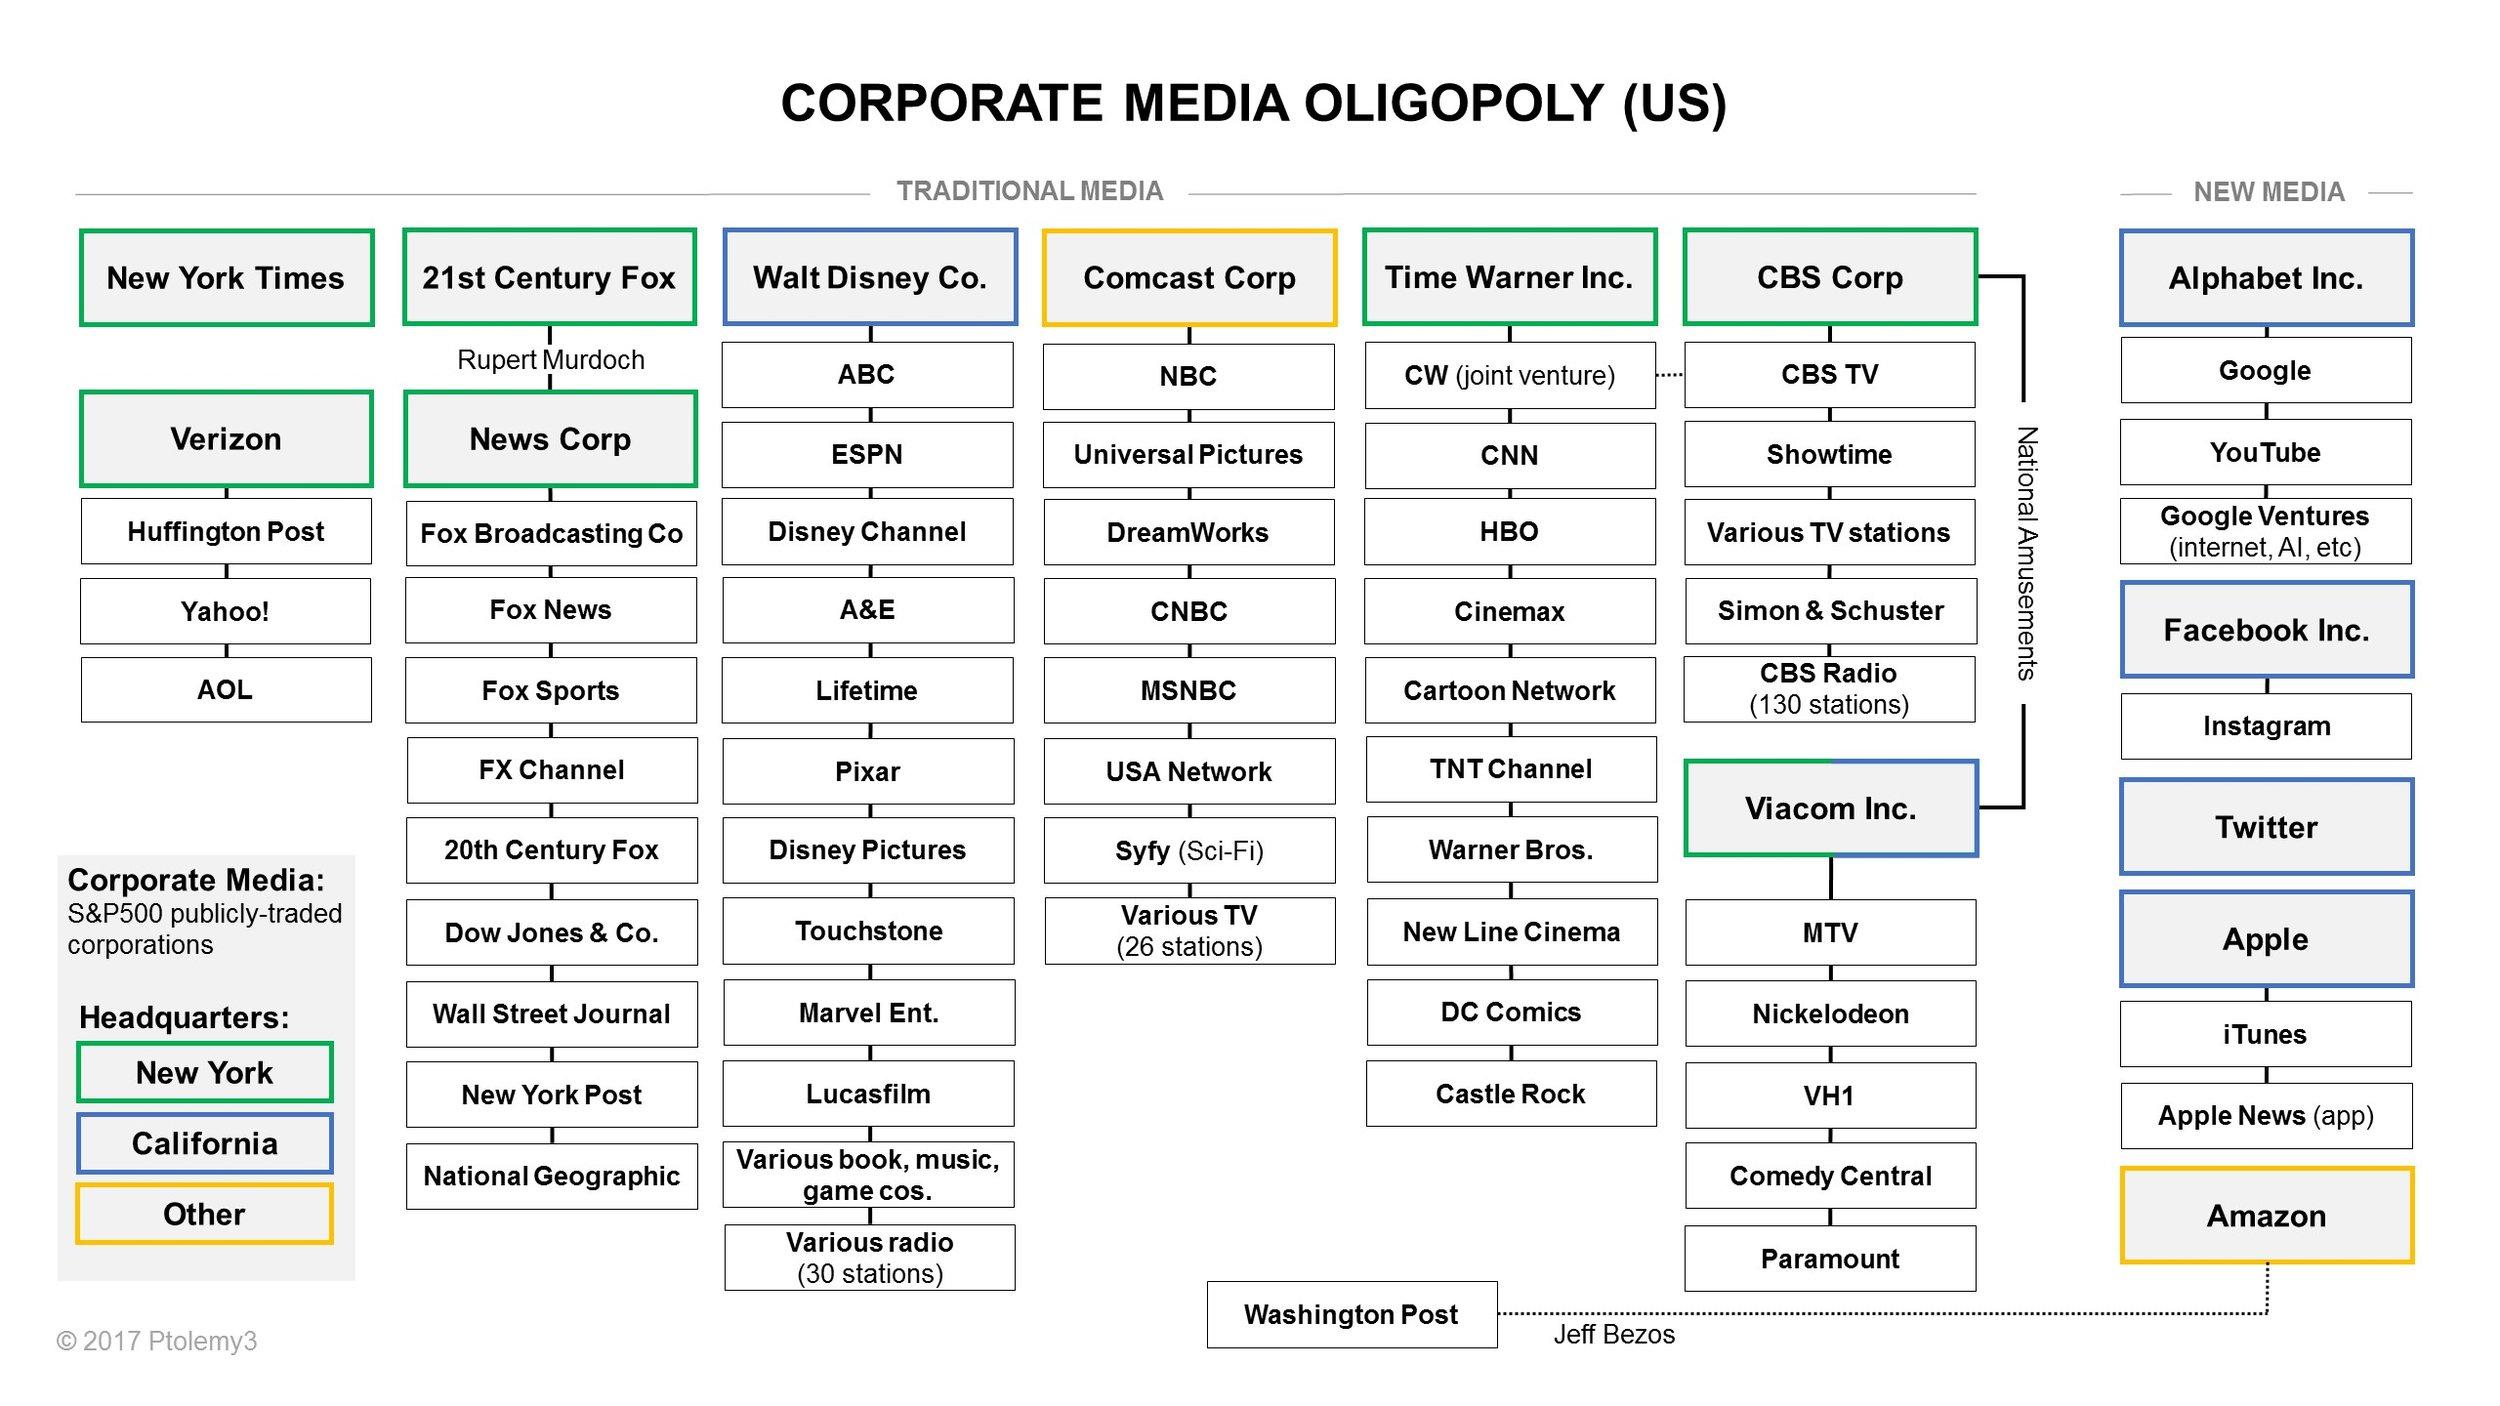 Corporate-Media-Oligopoly-Diagram.jpg